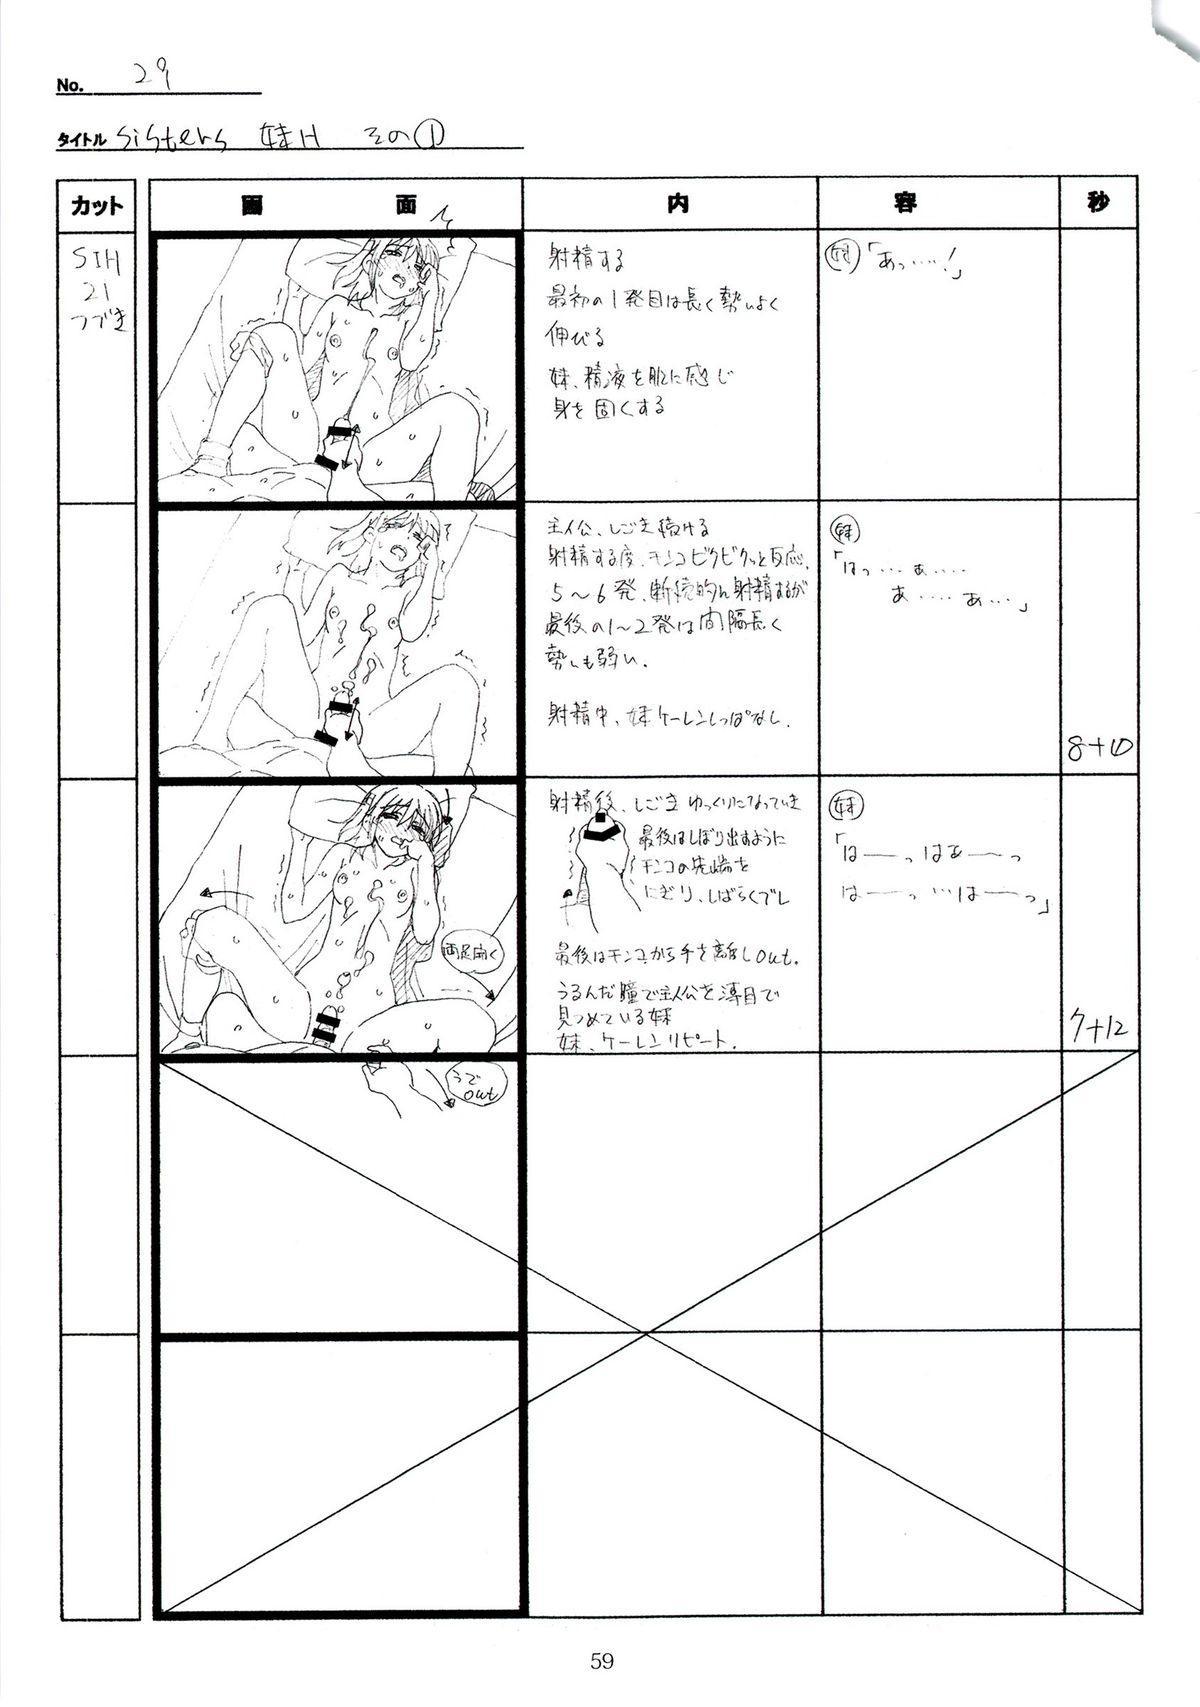 (C89) [Makino Jimusho (Taki Minashika)] SISTERS -Natsu no Saigo no Hi- H Scene All Part Storyboard (SISTERS -Natsu no Saigo no Hi-) 58